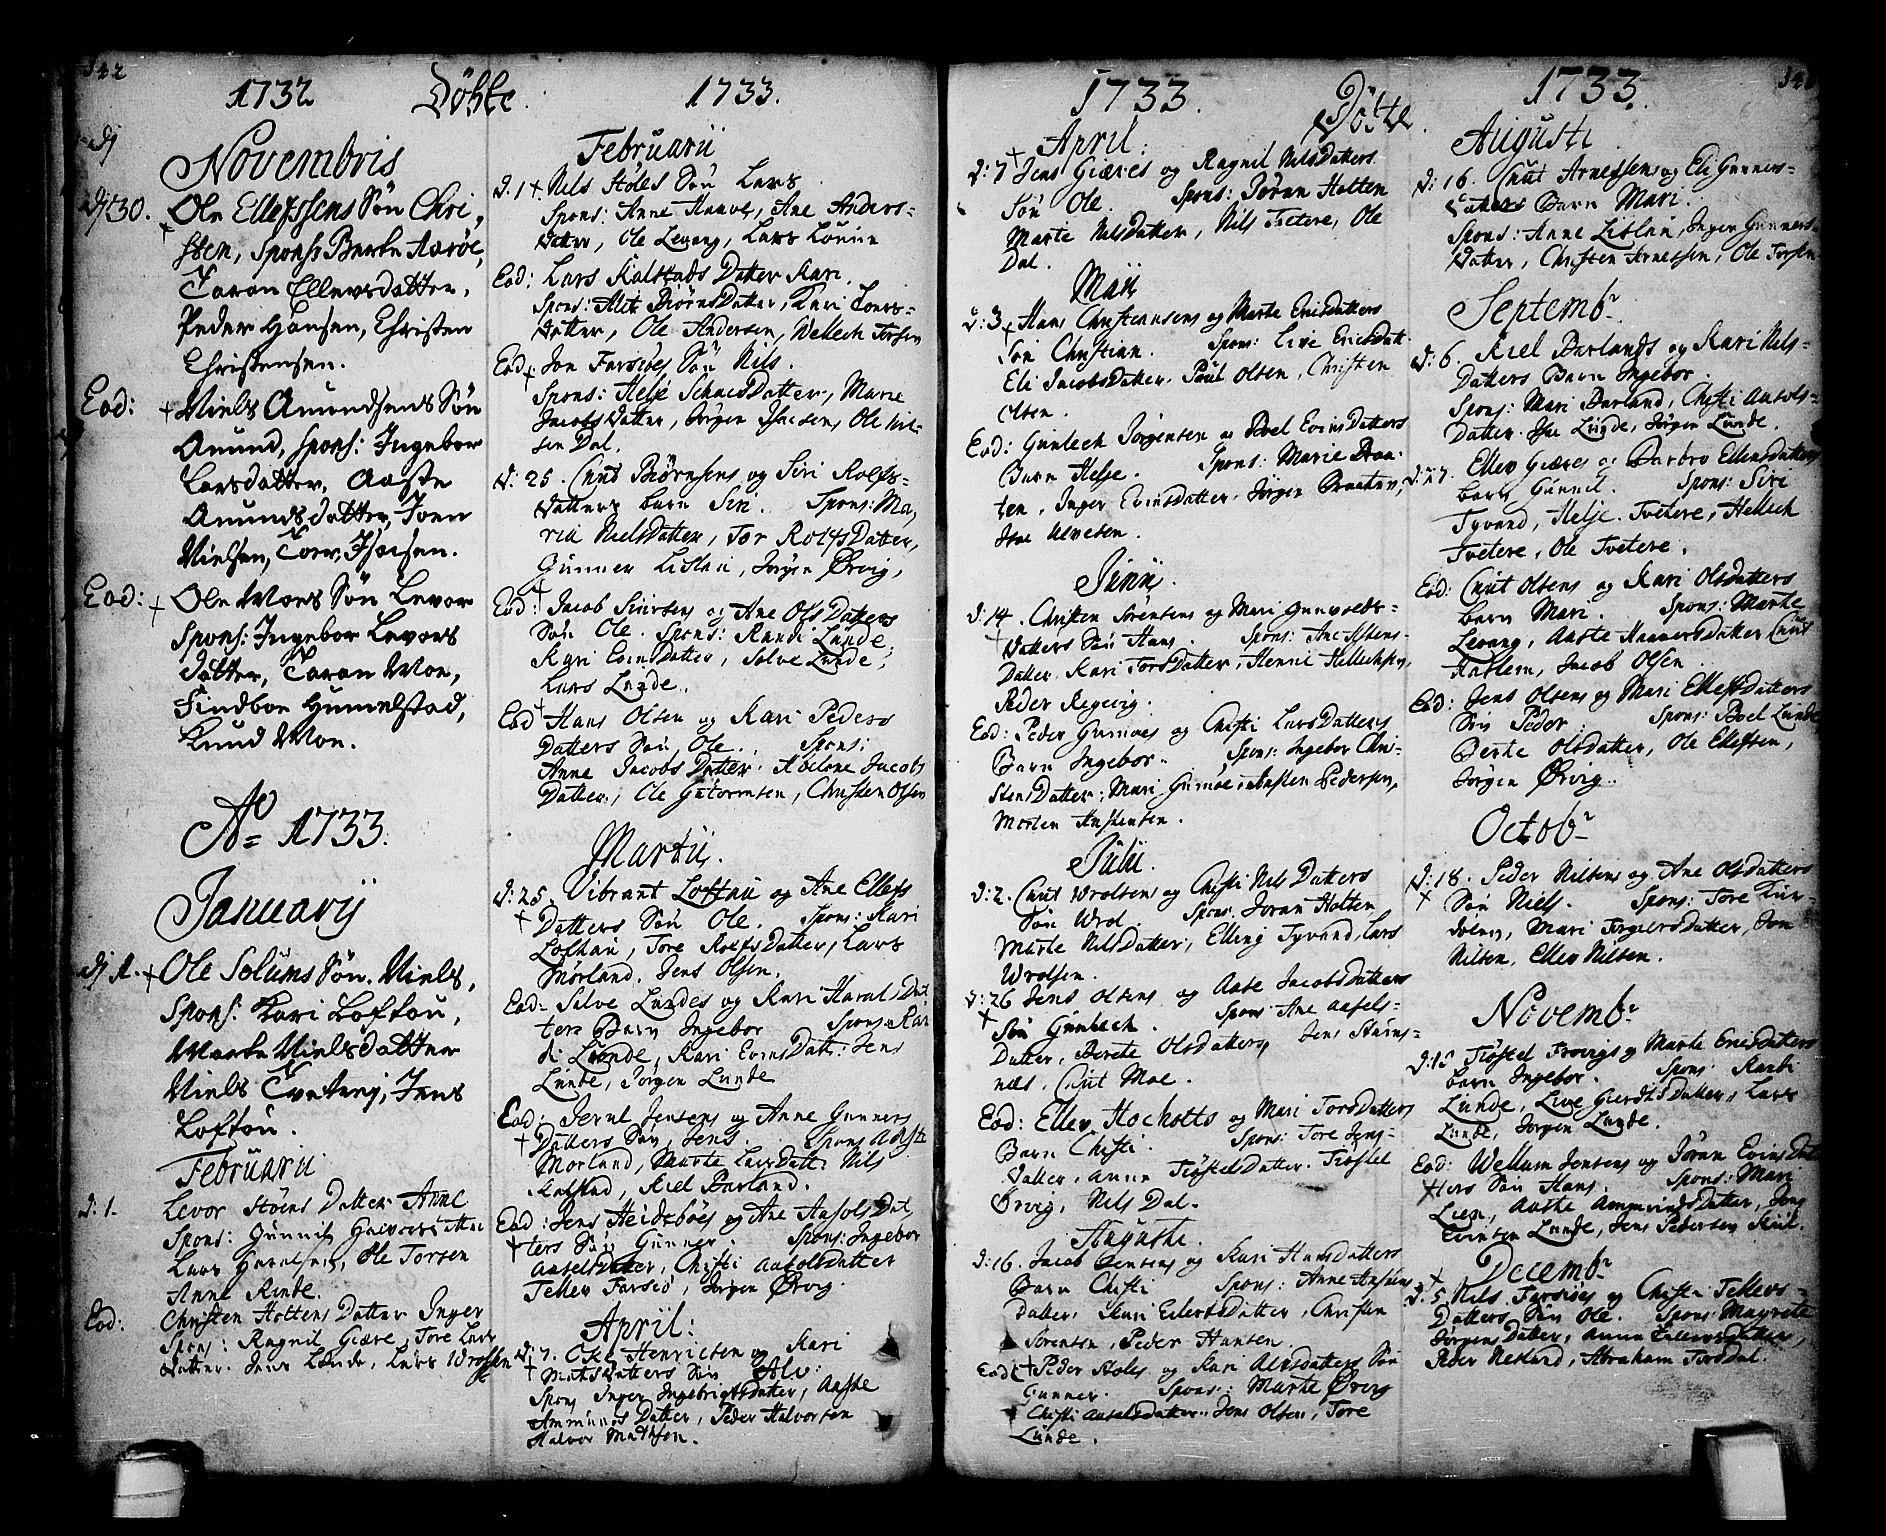 SAKO, Sannidal kirkebøker, F/Fa/L0001: Ministerialbok nr. 1, 1702-1766, s. 142-143